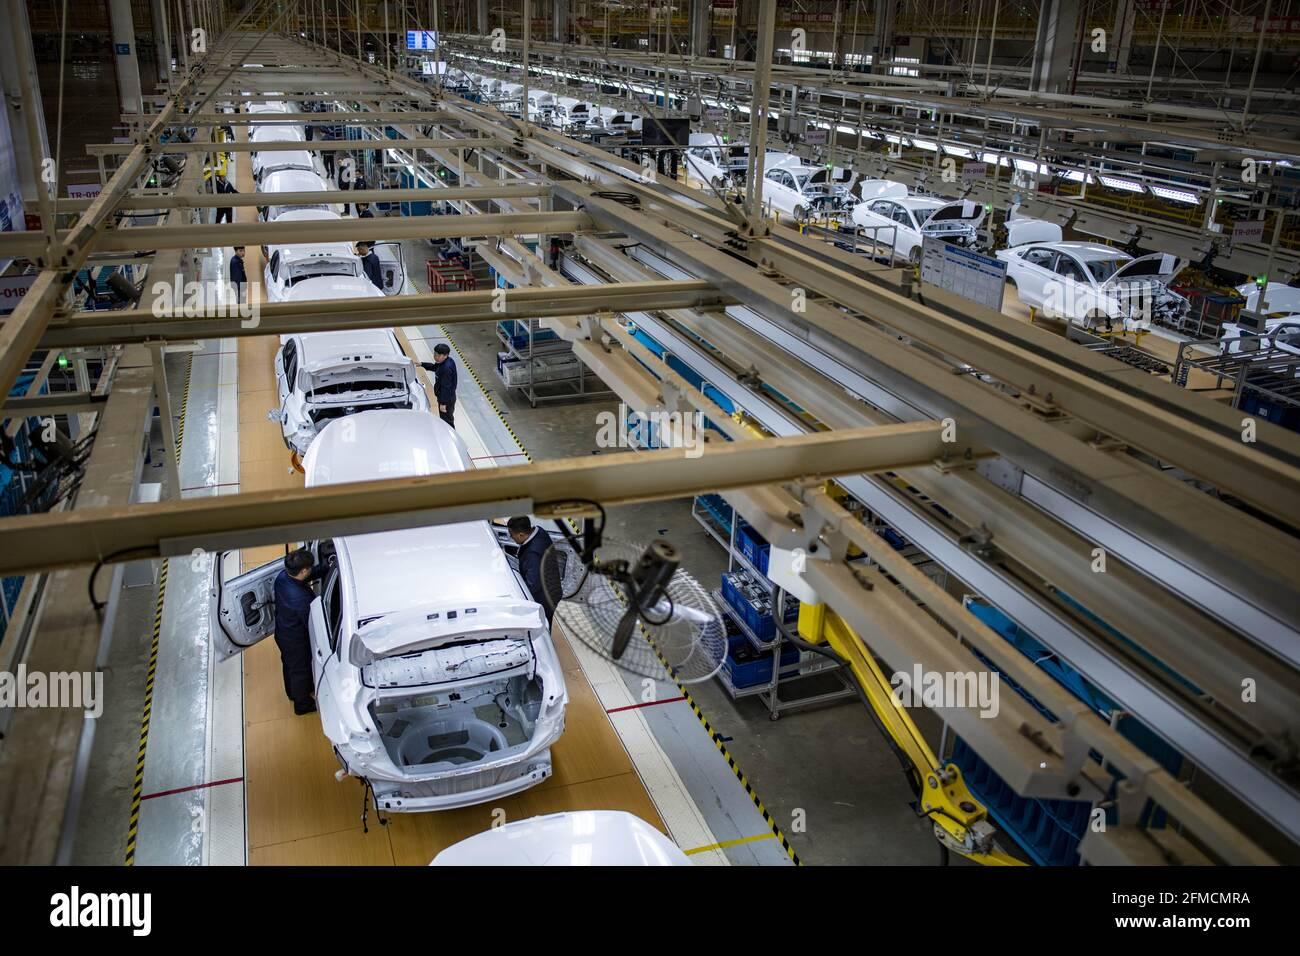 (210508) -- BEIJING, 8 mai 2021 (Xinhua) -- la photo prise le 3 décembre 2020 montre une ligne de production de véhicules à énergie nouvelle à Kunming, dans la province du Yunnan, dans le sud-ouest de la Chine. (Xinhua/Jiang Wenyao) Banque D'Images